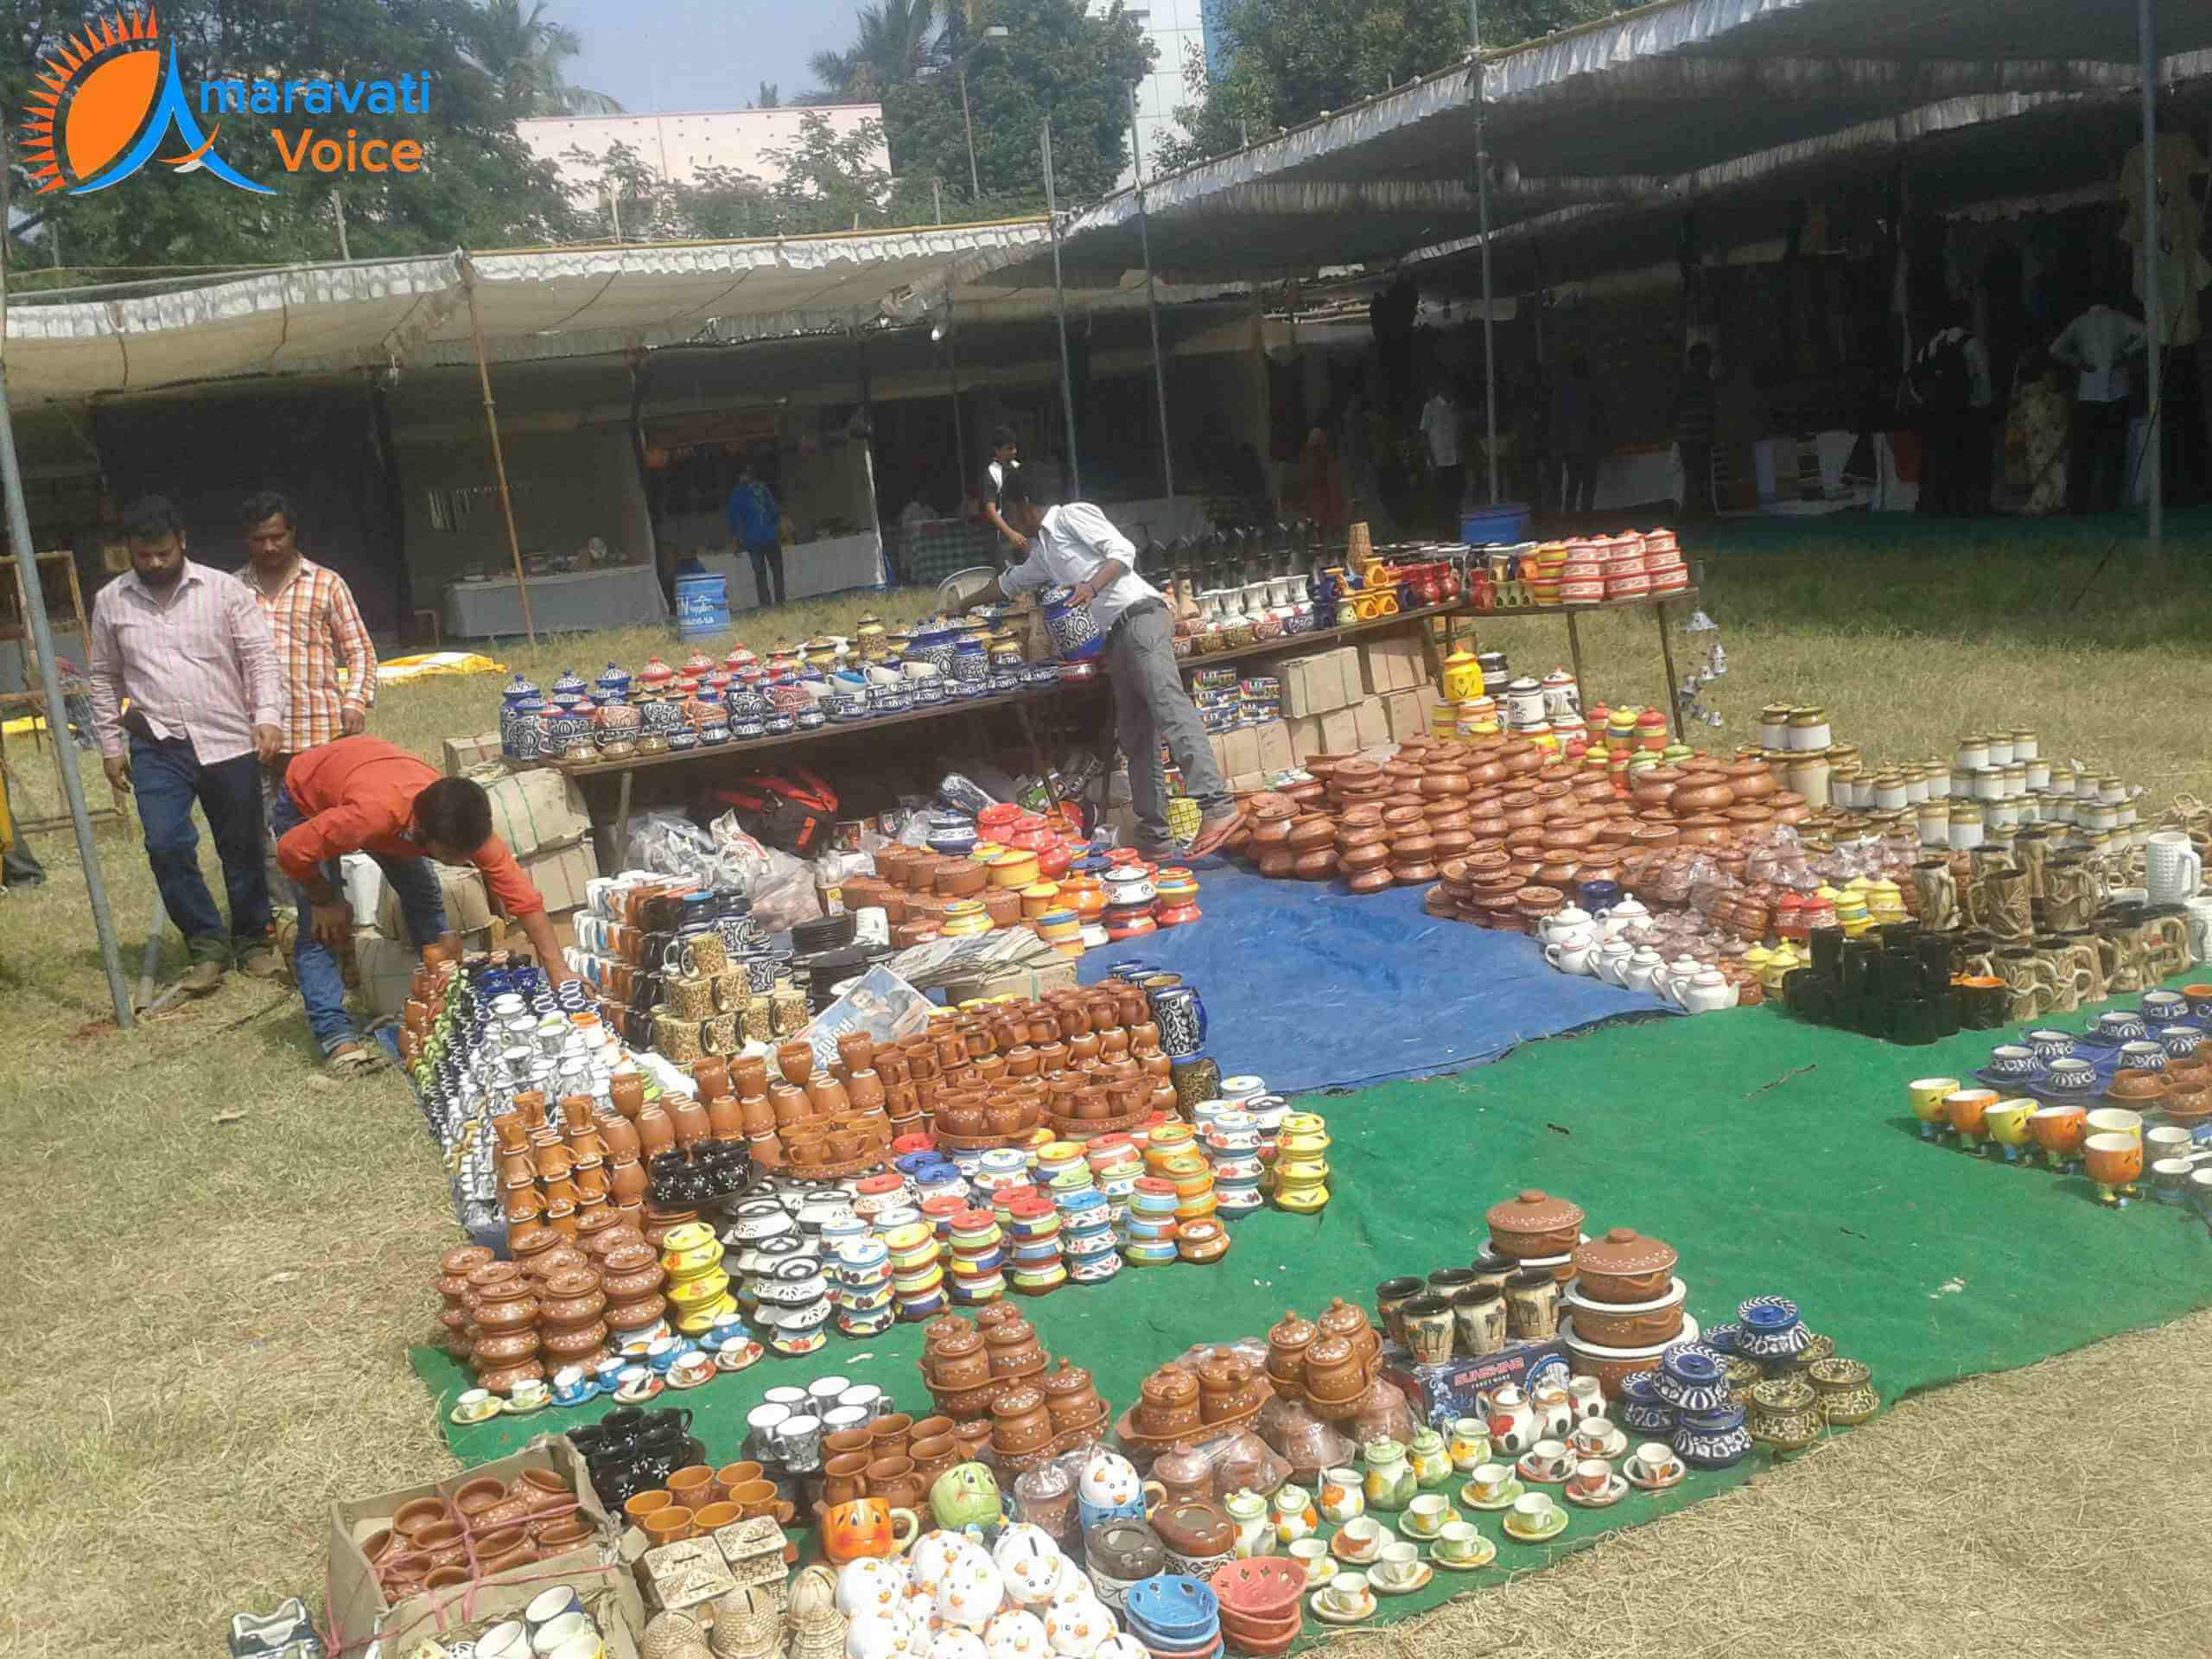 Gandhi Shilp Bazaar Handicrafts Exhibition Started In Vijayawada News